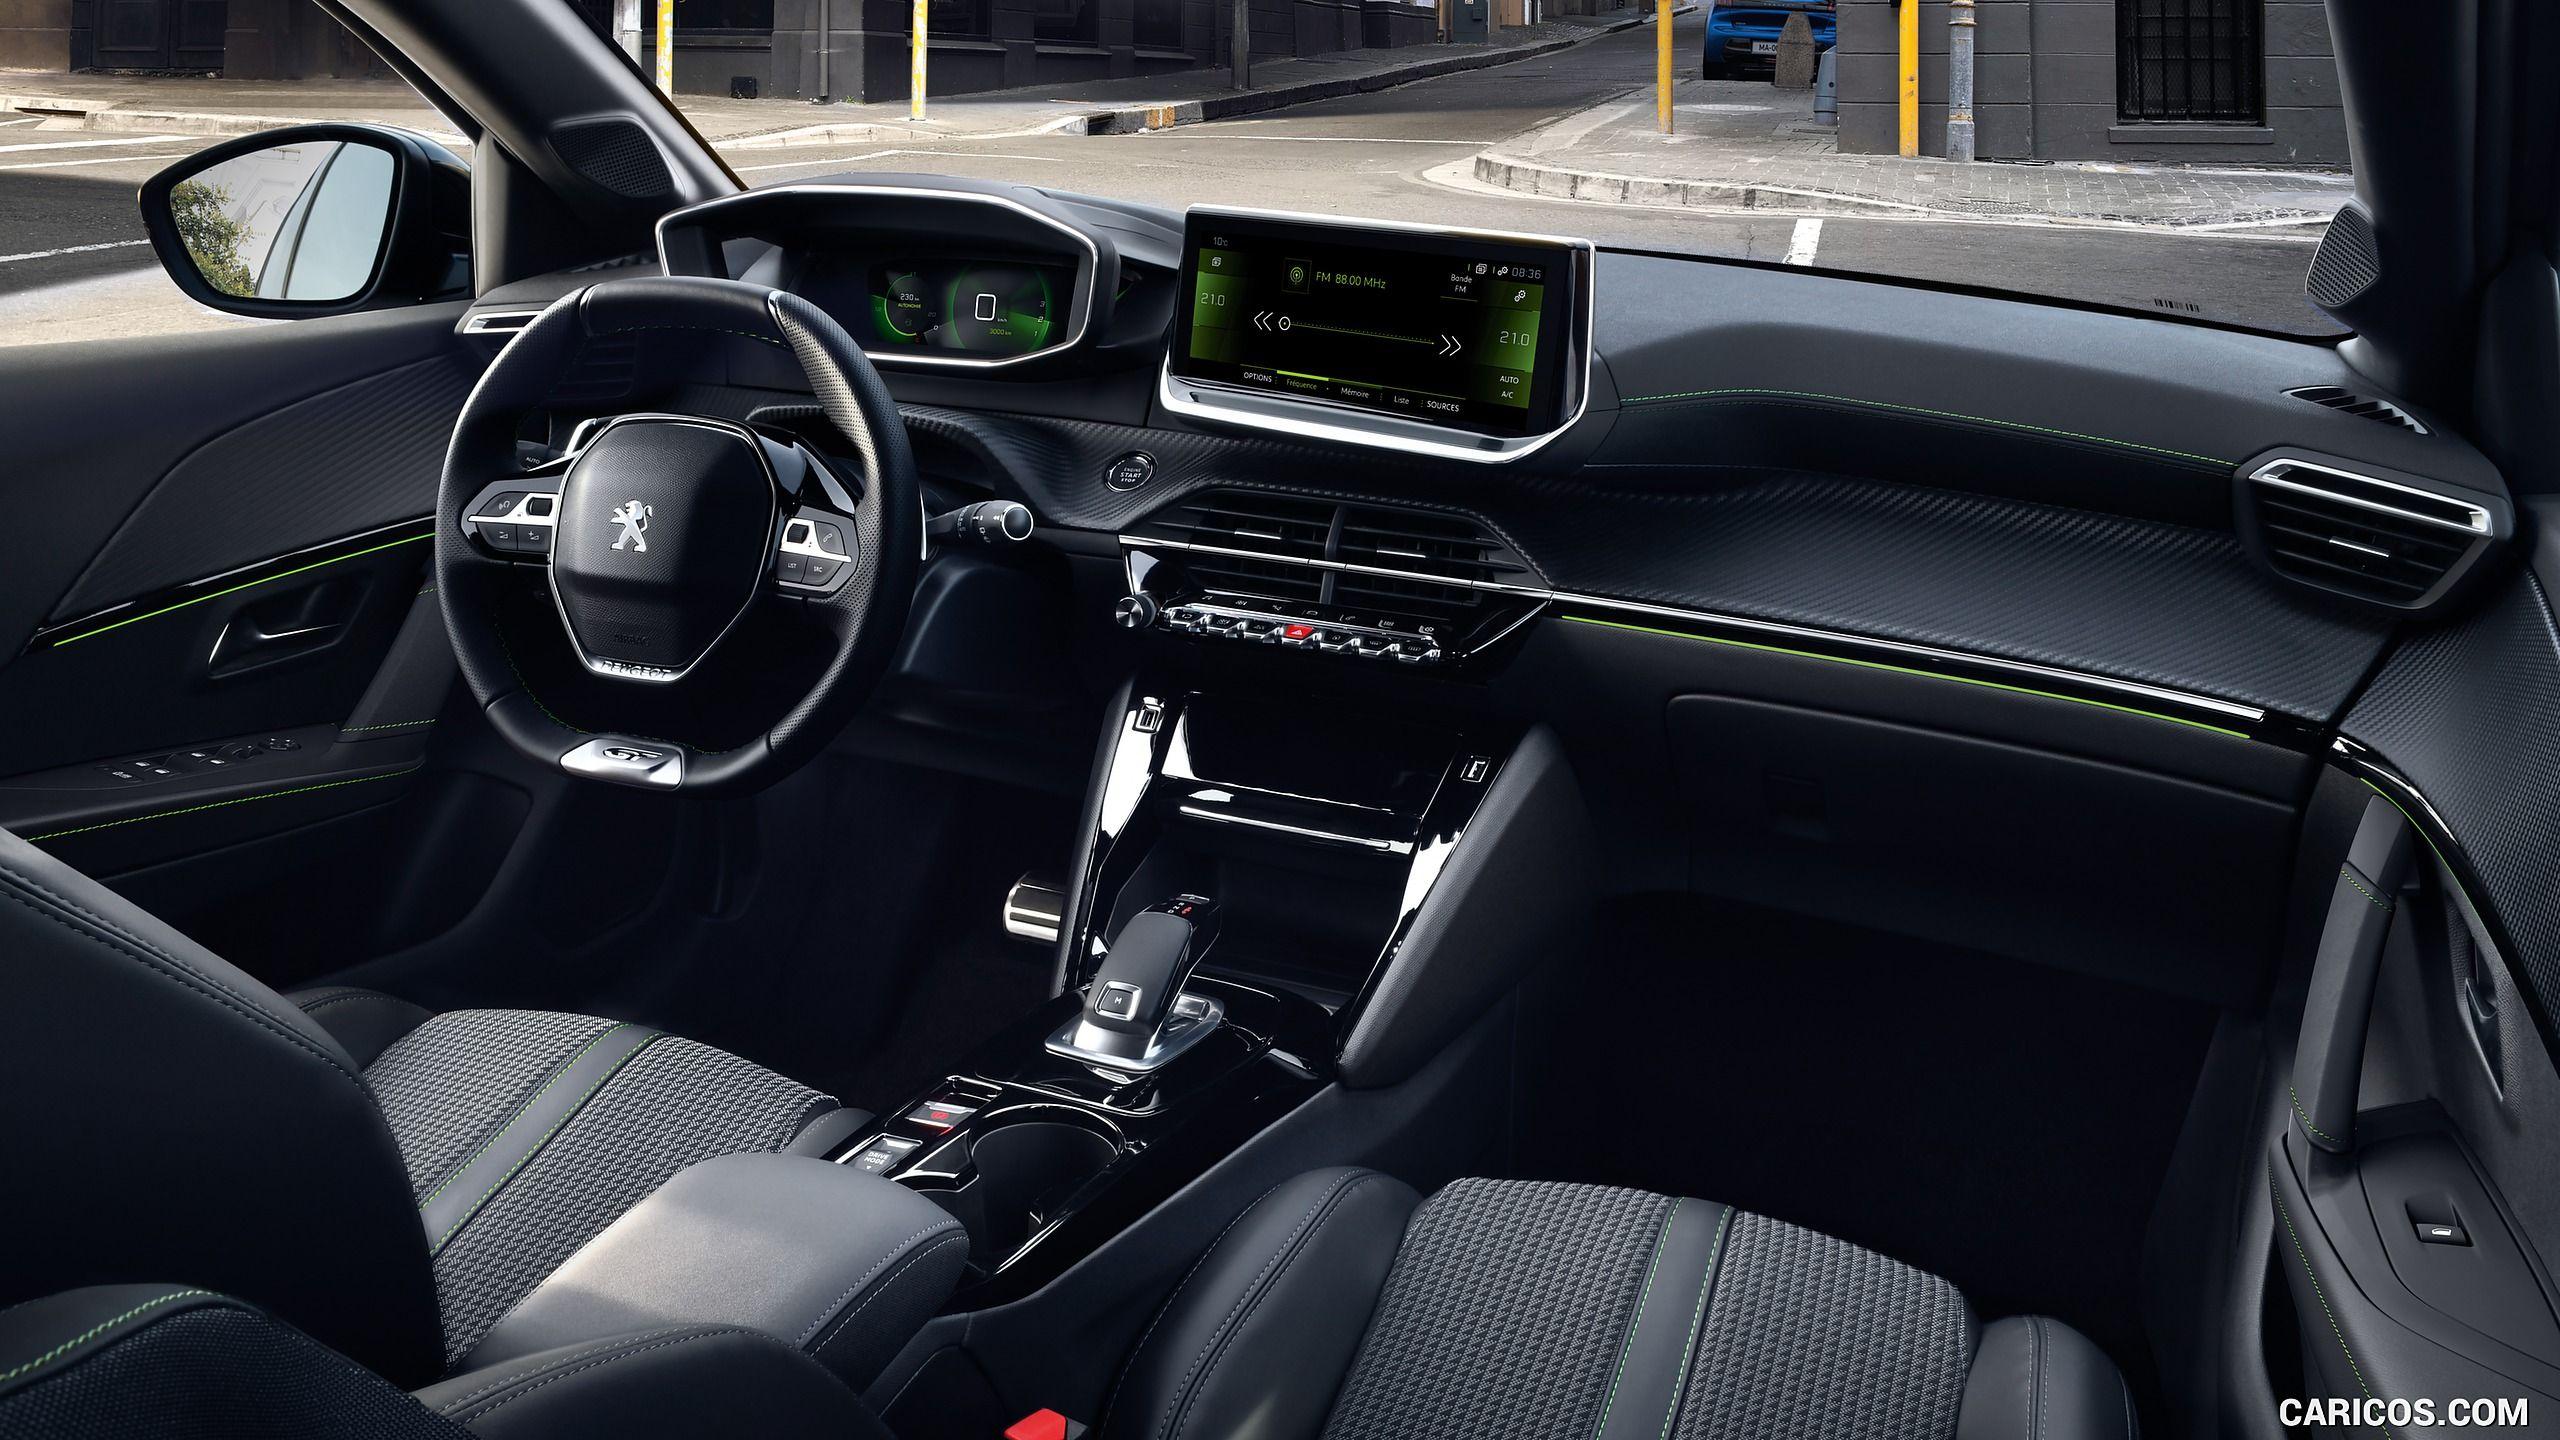 2020 Peugeot E 208 Ev Interior Cockpit Hd Peugeot Volkswagen Passat Vw Passat